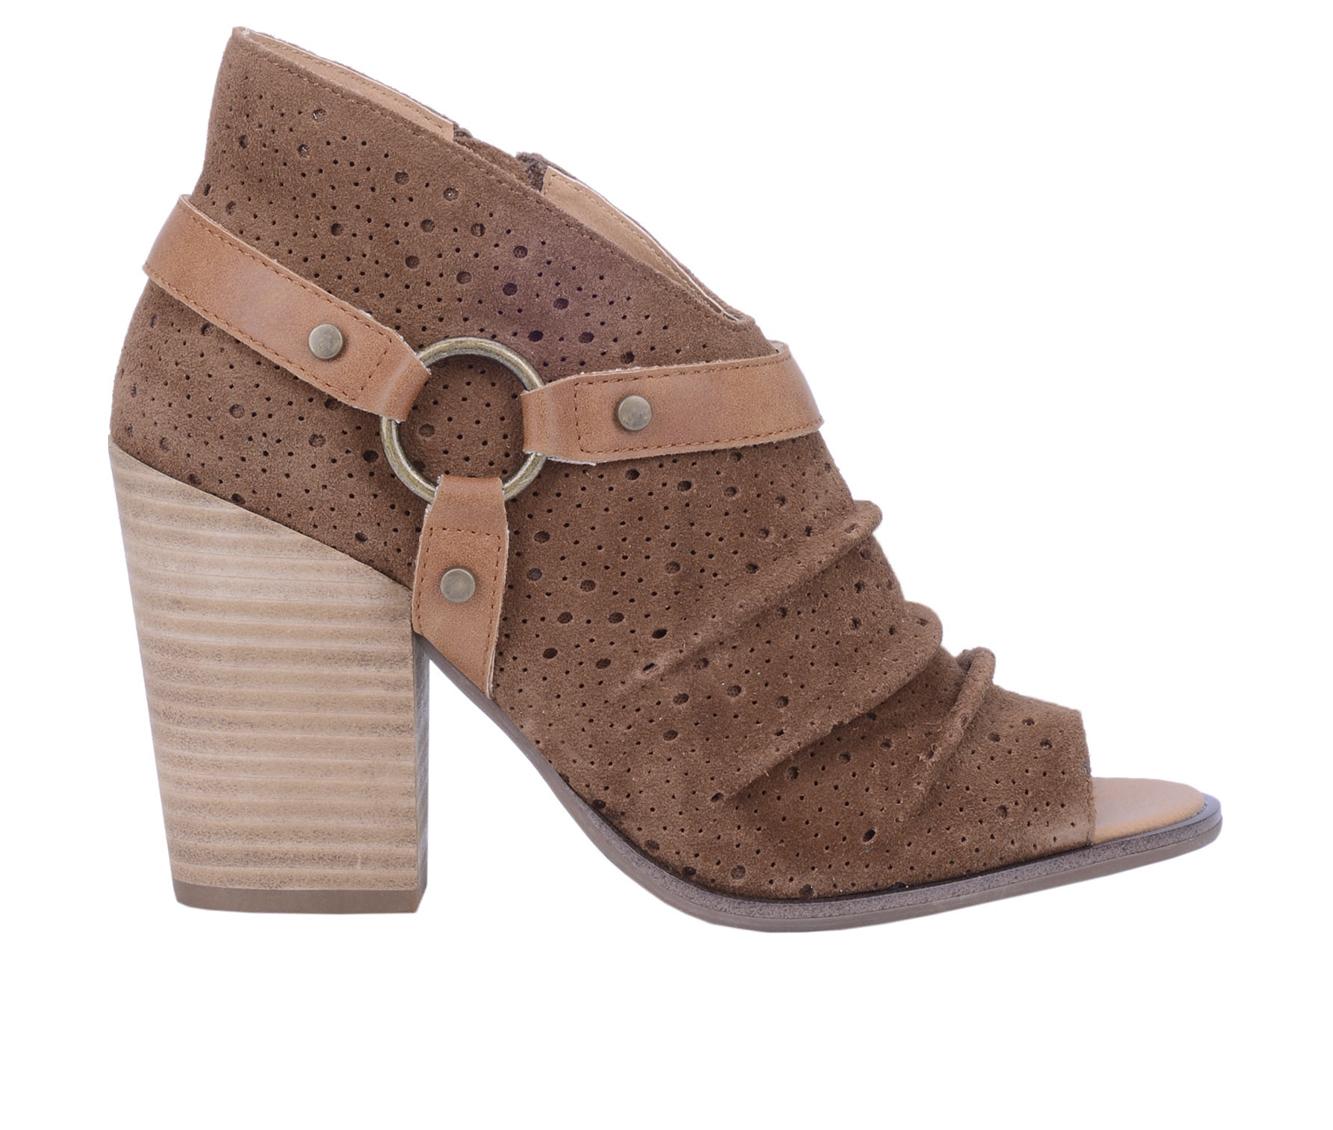 Dingo Boots Spurs Women's Dress Shoe (Brown - Leather)